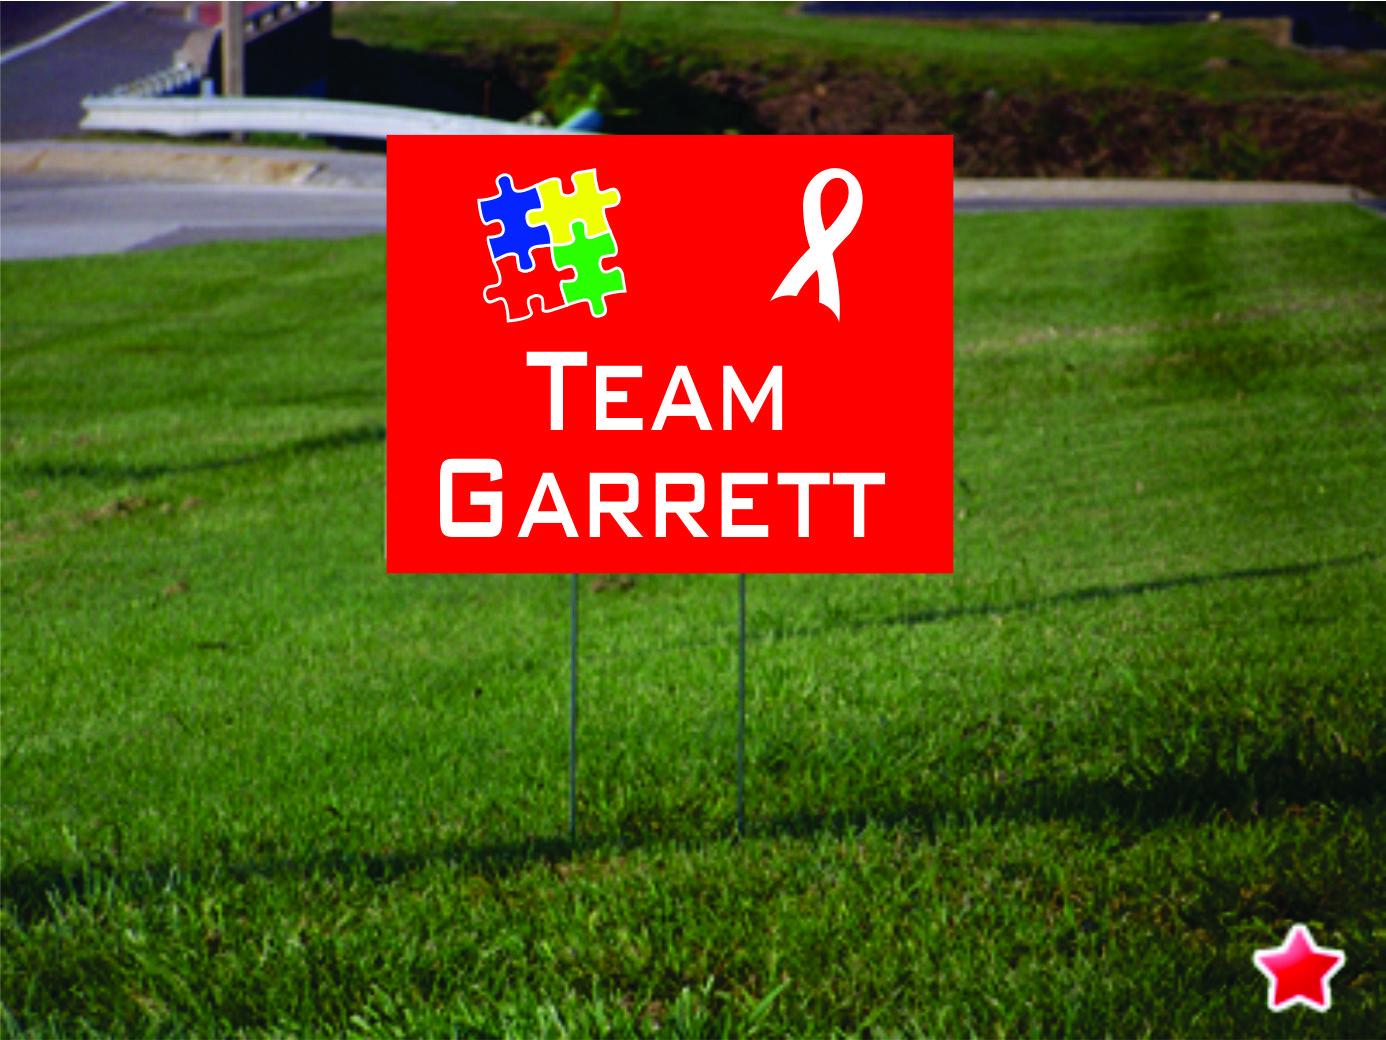 team garrett.jpg